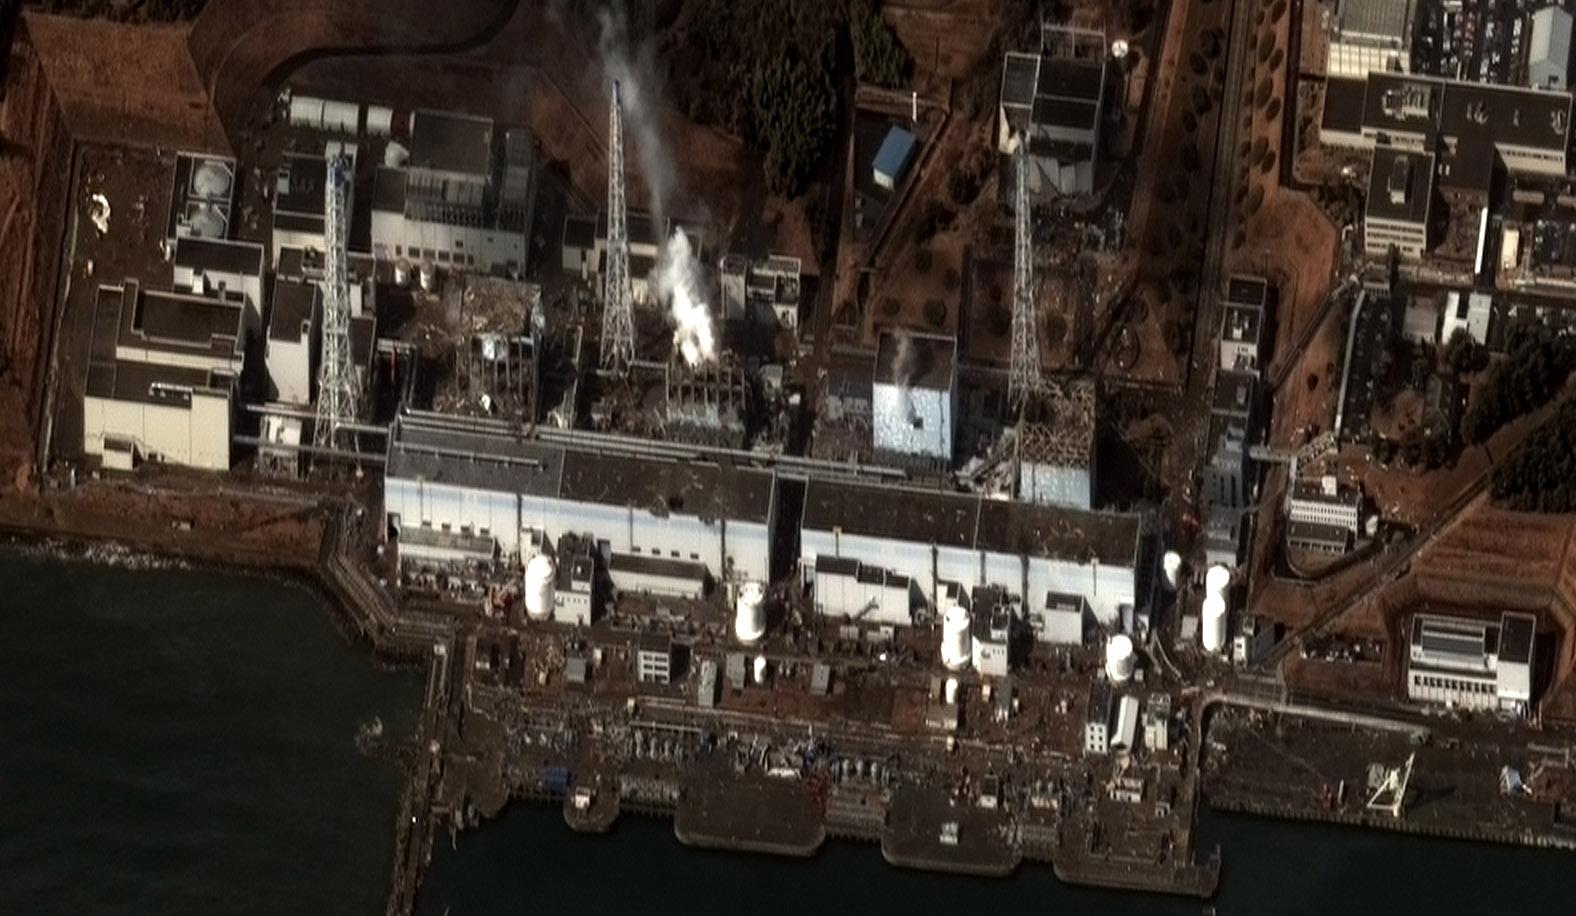 Wie ihr ja alle wisst gab es am 11.März.2010 ein Erdbeben in Japan welches ein Tsunami auslöste, woraufhin die Pumpen im AKW Fukushima versagten und… blubb ihr wisst wie es weiter geht…